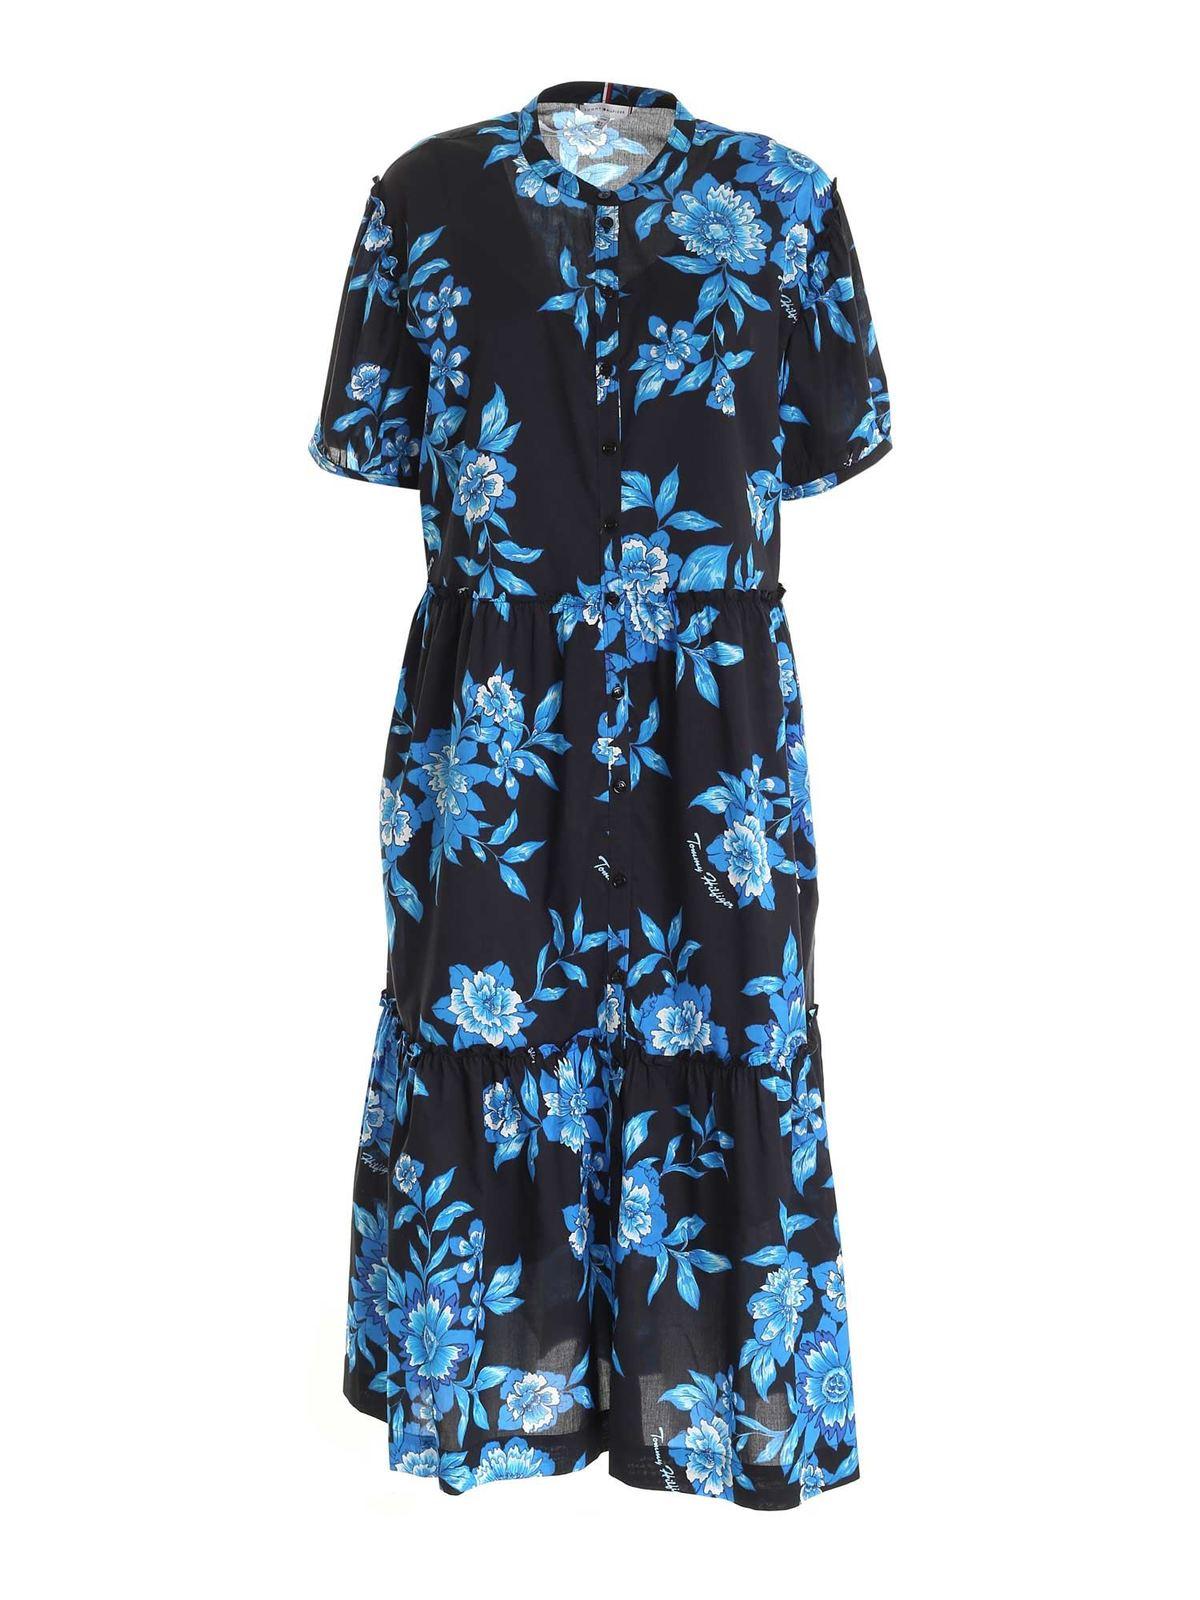 Tommy Hilfiger VOILE FLORAL DRESS IN BLACK